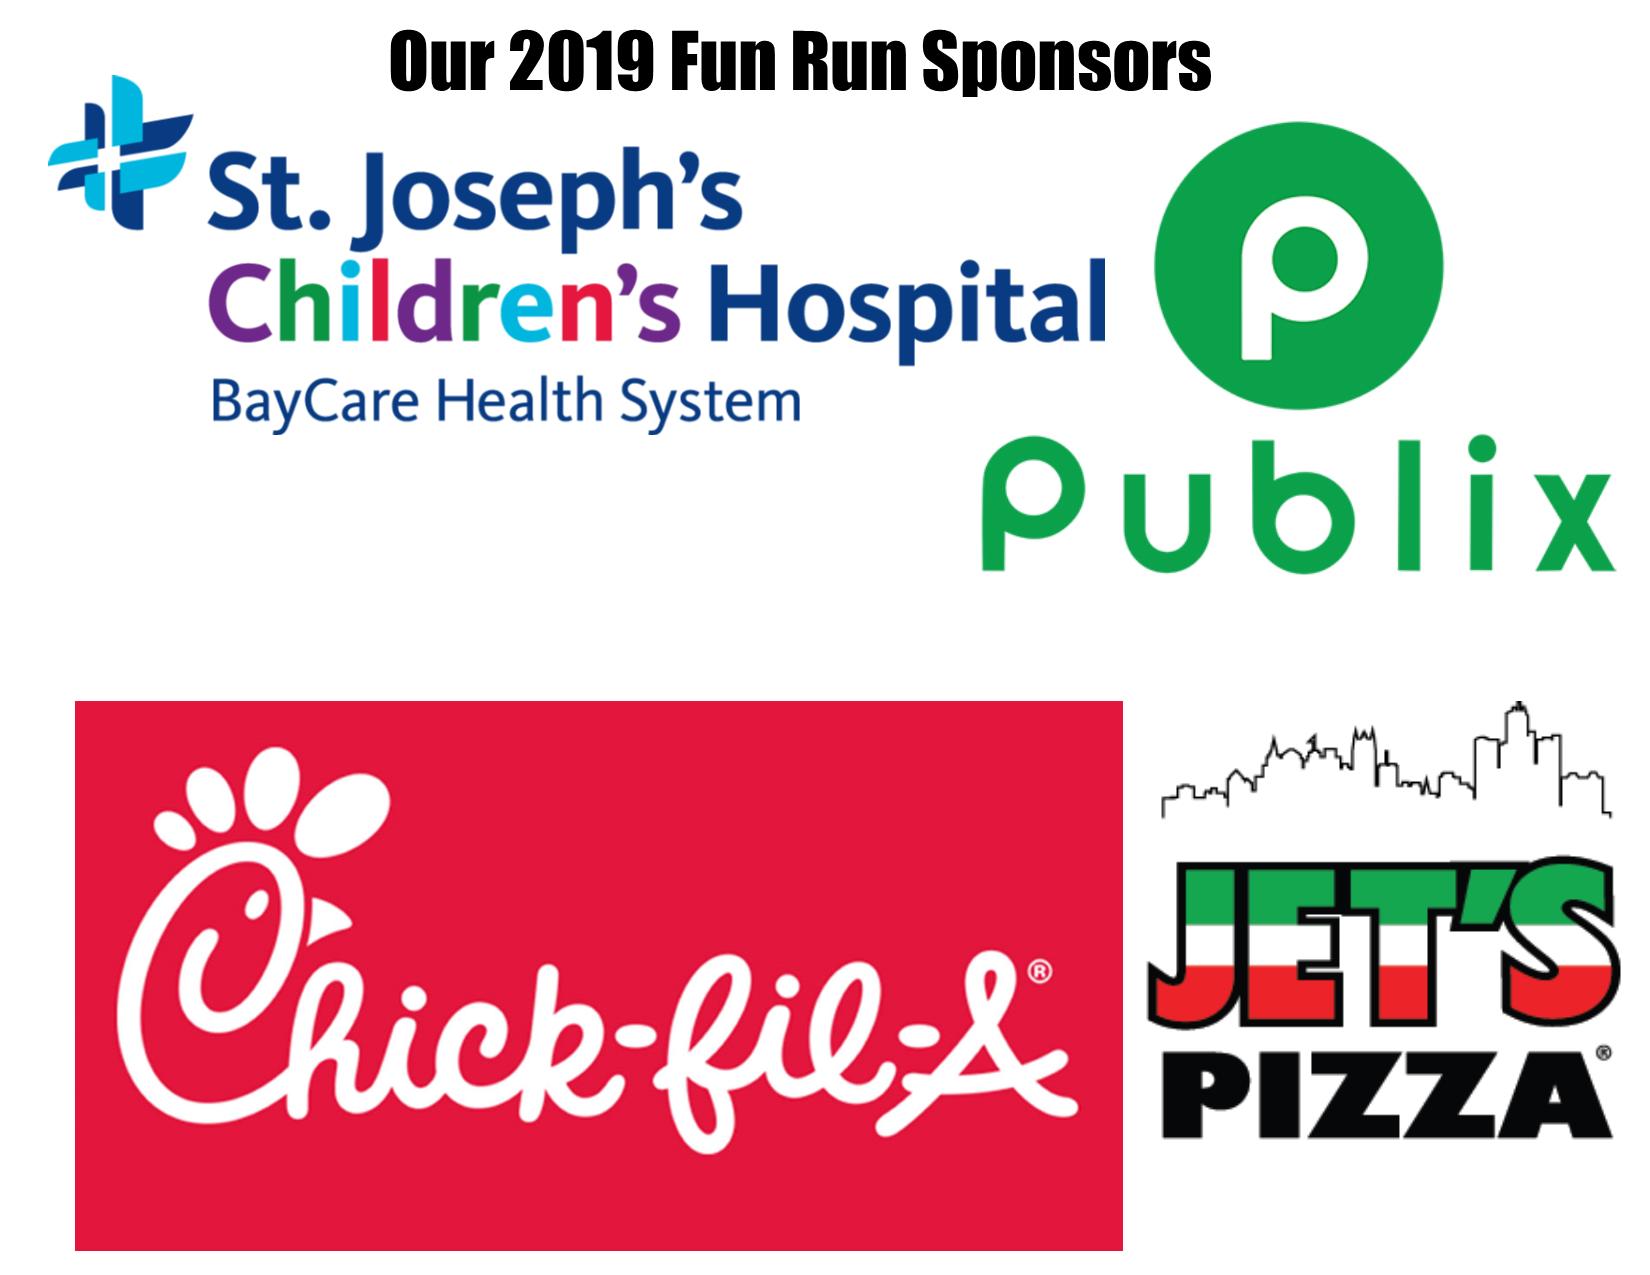 Fun Run Sponsors 2019